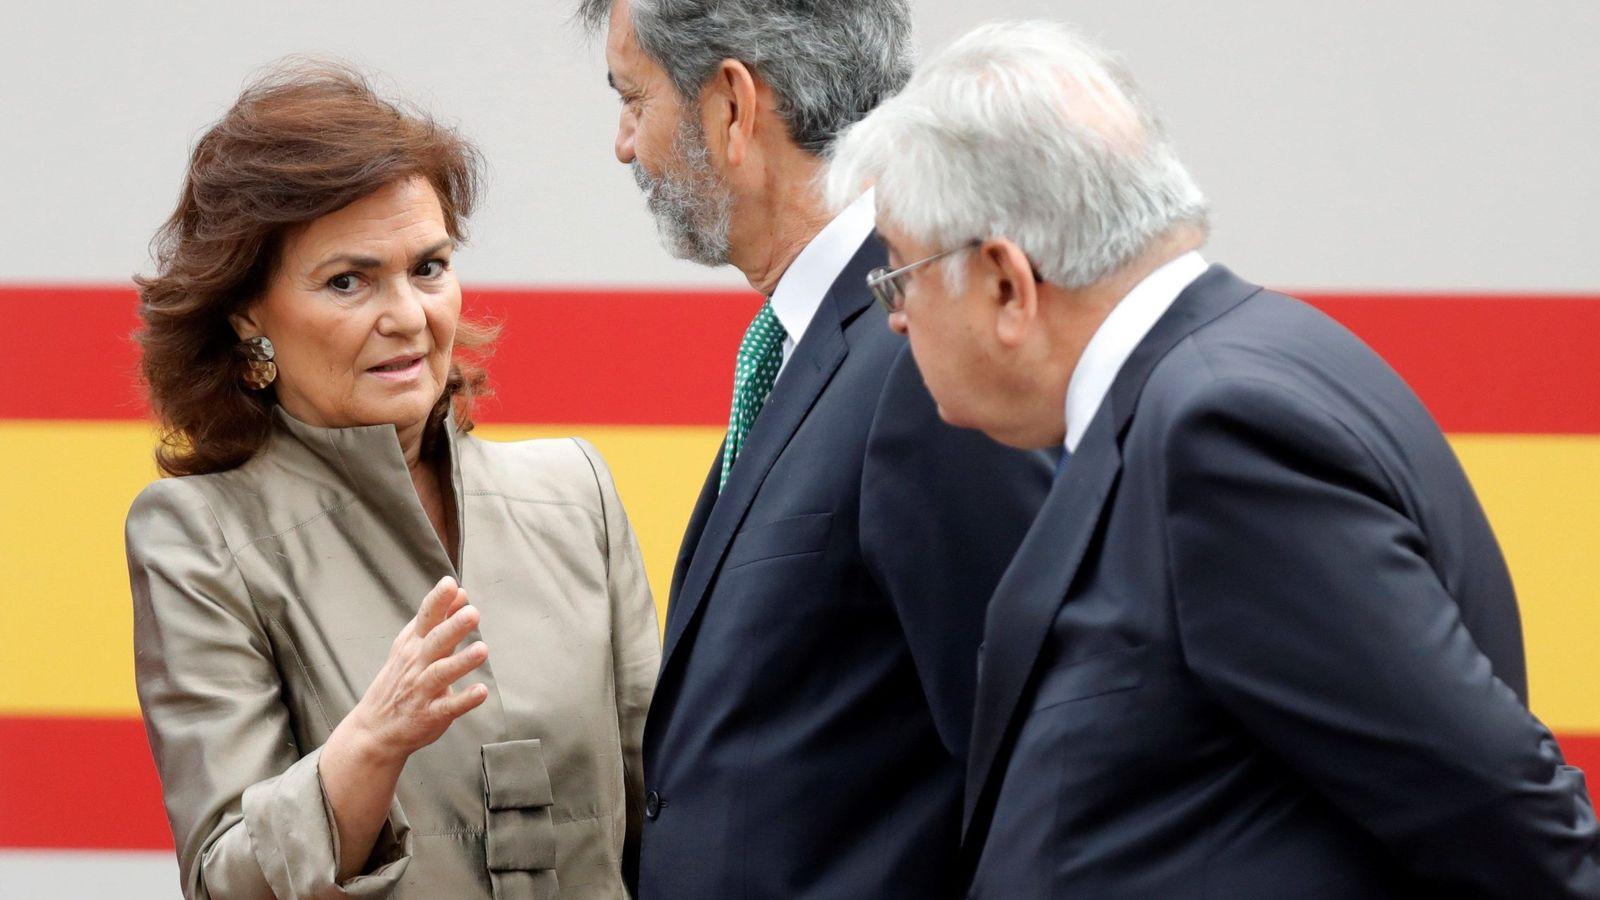 Foto: Carmen Calvo conversa con los presidentes del TS y del CGPJ, Carlos Lesmes, y el del Constitucional, Juan José González Rivas, durante el desfile del 12-O. (EFE)